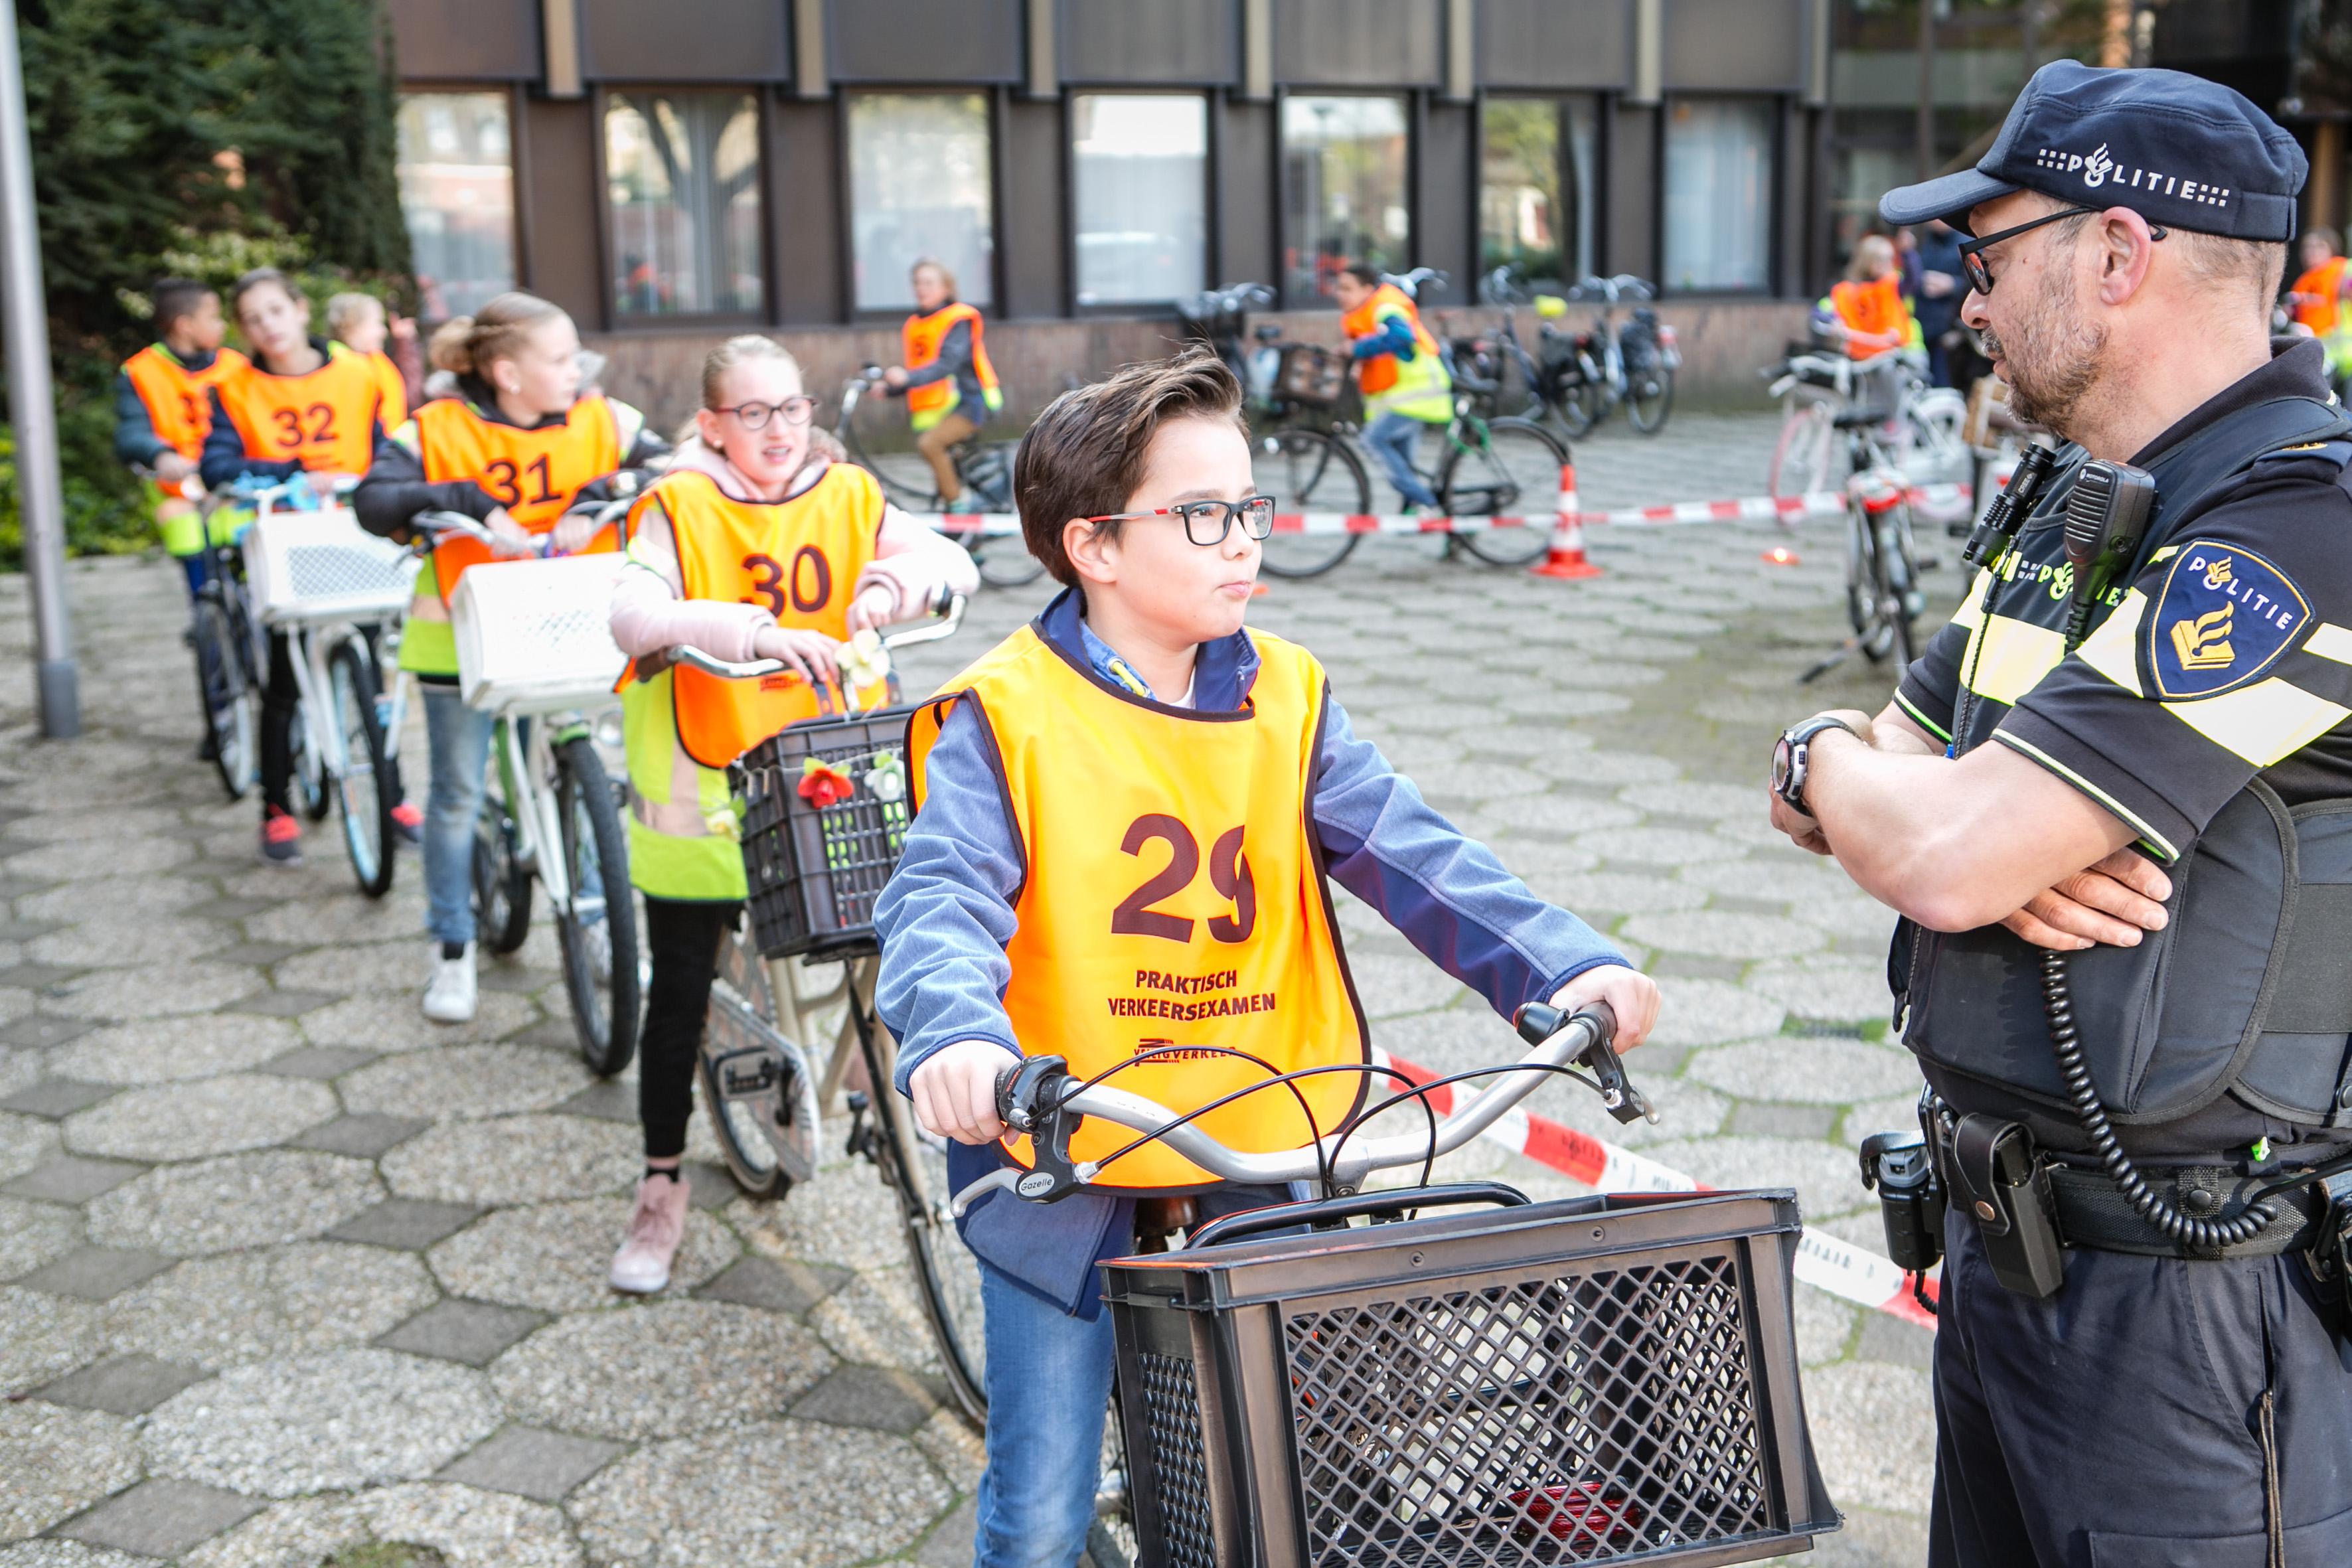 verkeersexamen foto eric van nieuwland 075708